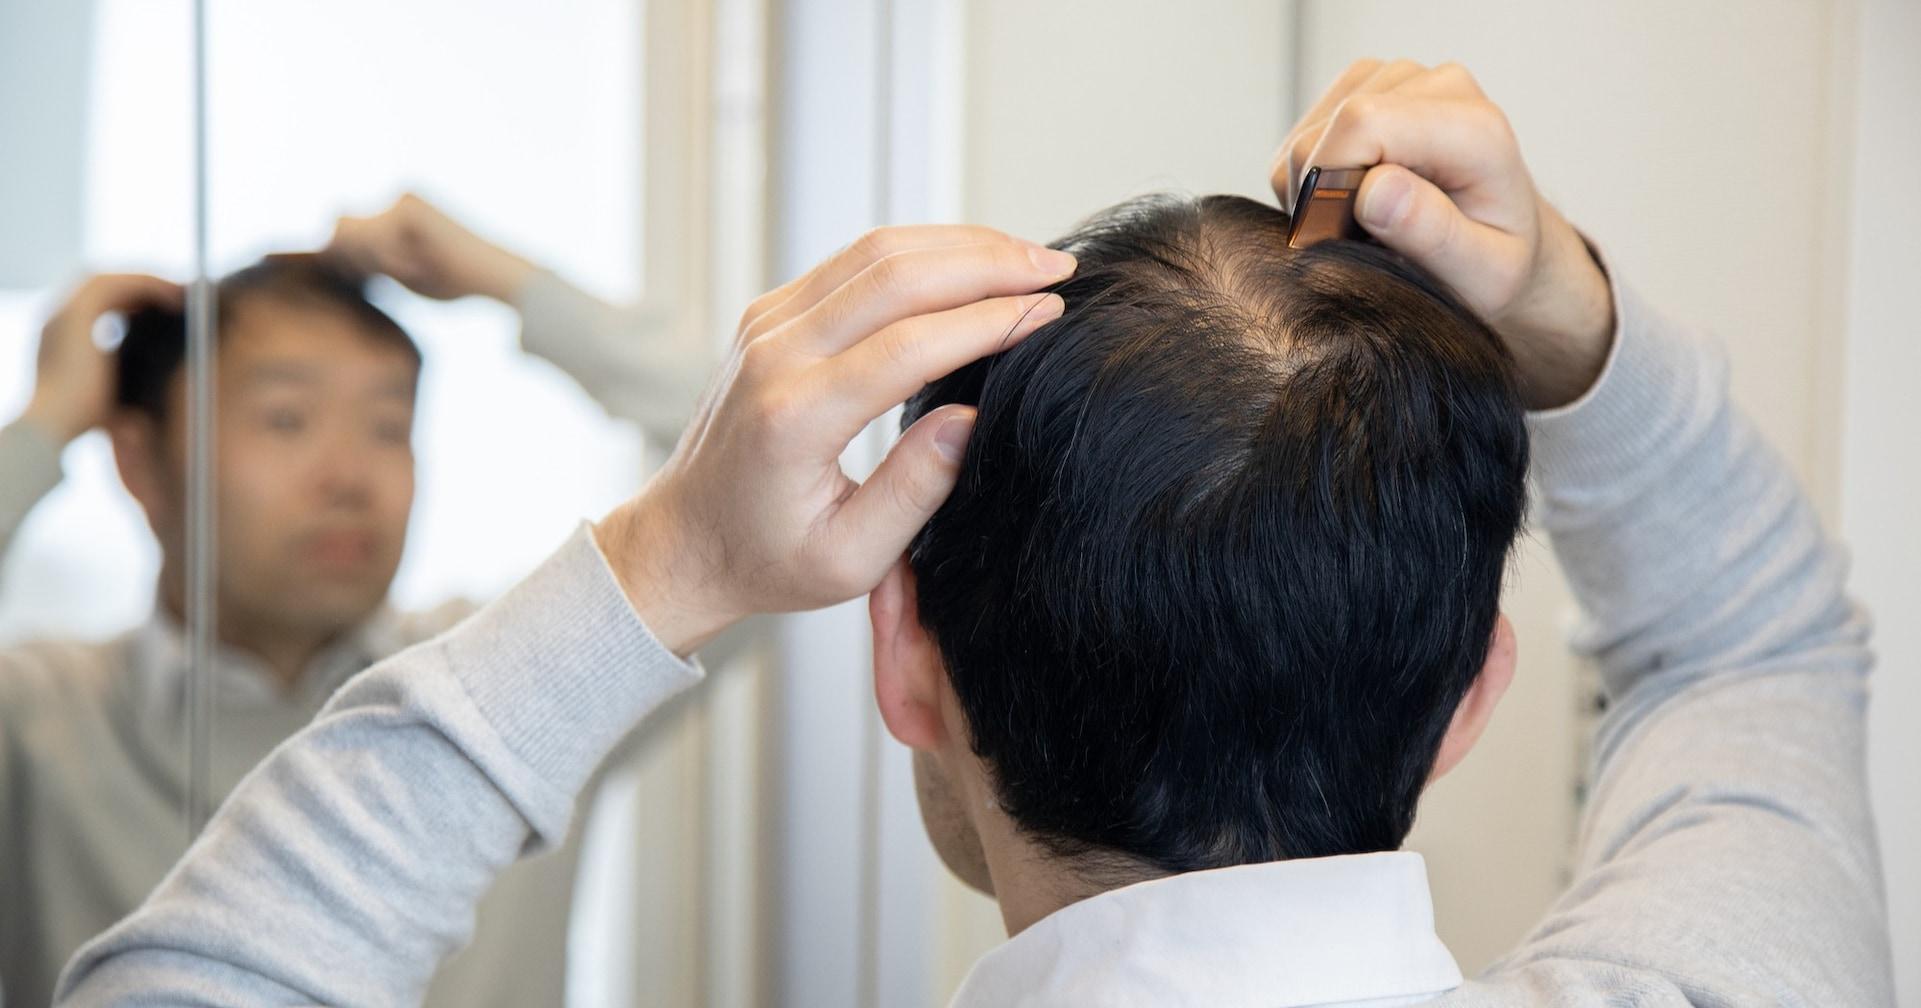 コロナ禍におけるリモートワークの連続で「薄毛」が気になる男子が急増中!? ってなわけで成分配合が業界最多であるらしい育毛剤を試してみる!